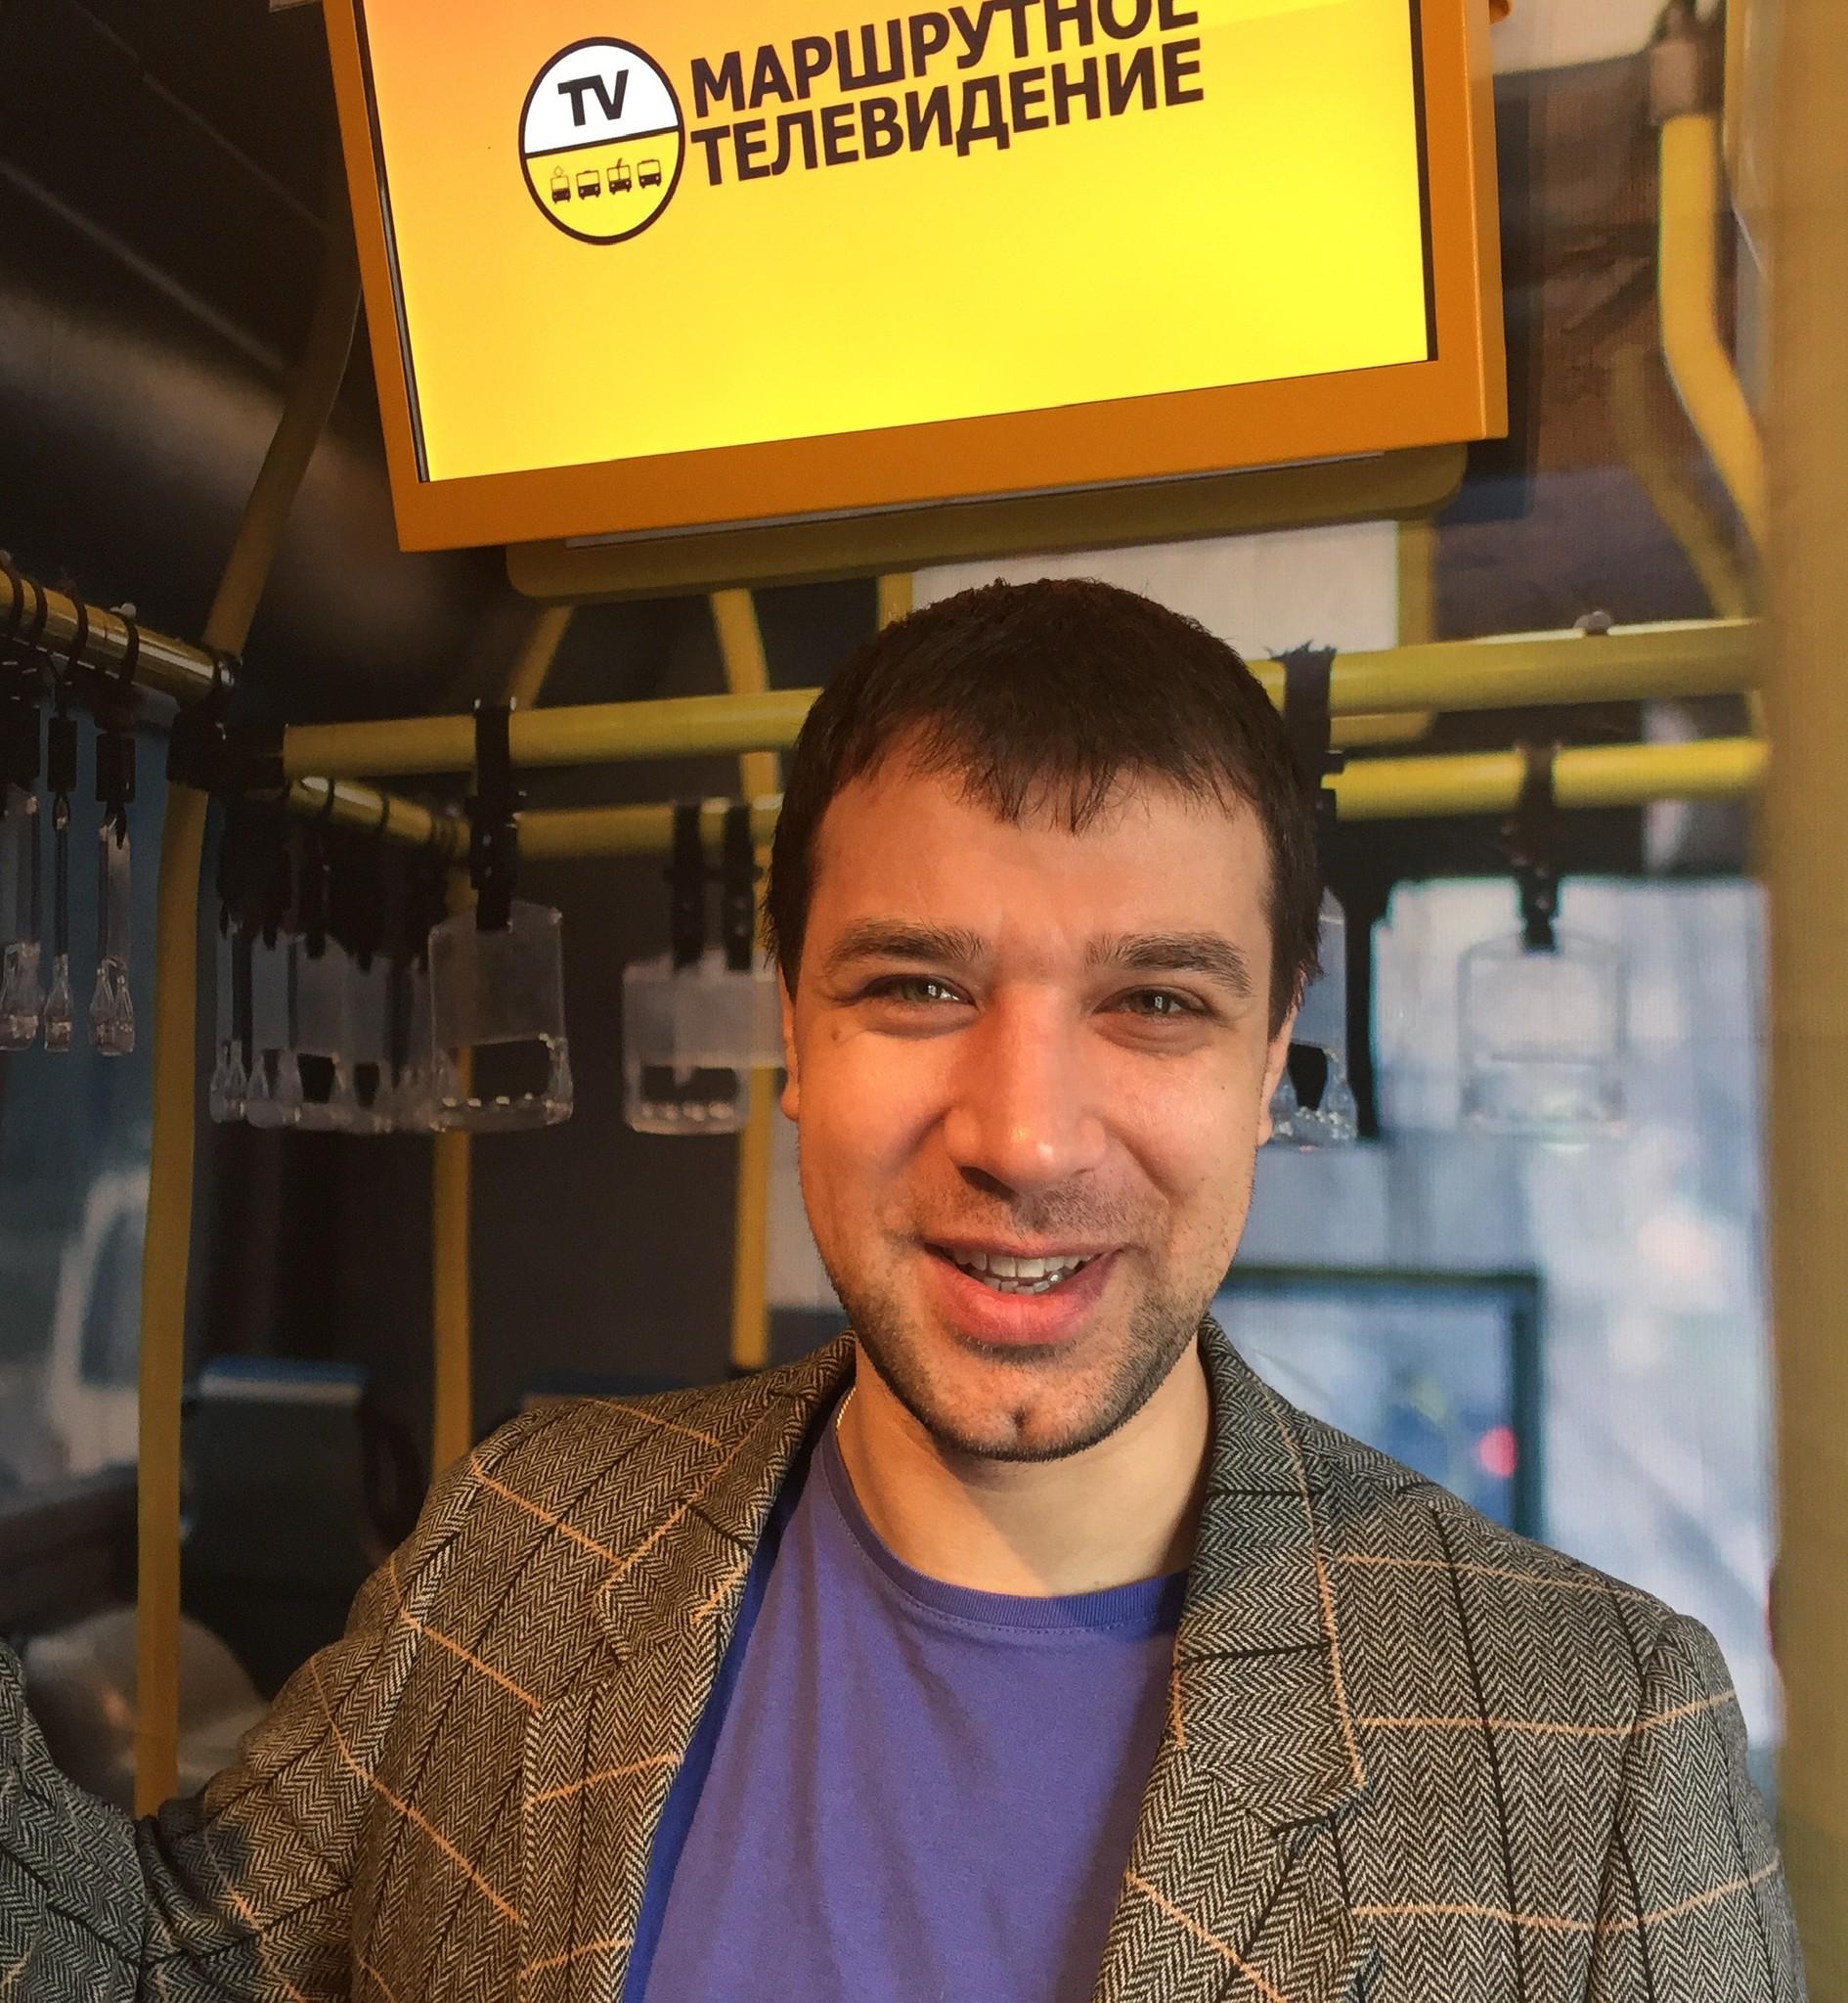 Алексей Ставров, директор по развитию компании «Первое Маршрутное Телевидение»